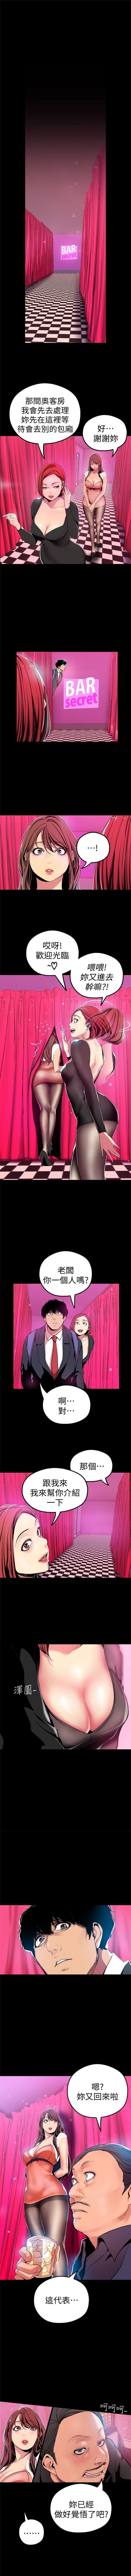 美麗新世界 1-85 官方中文(連載中) 234